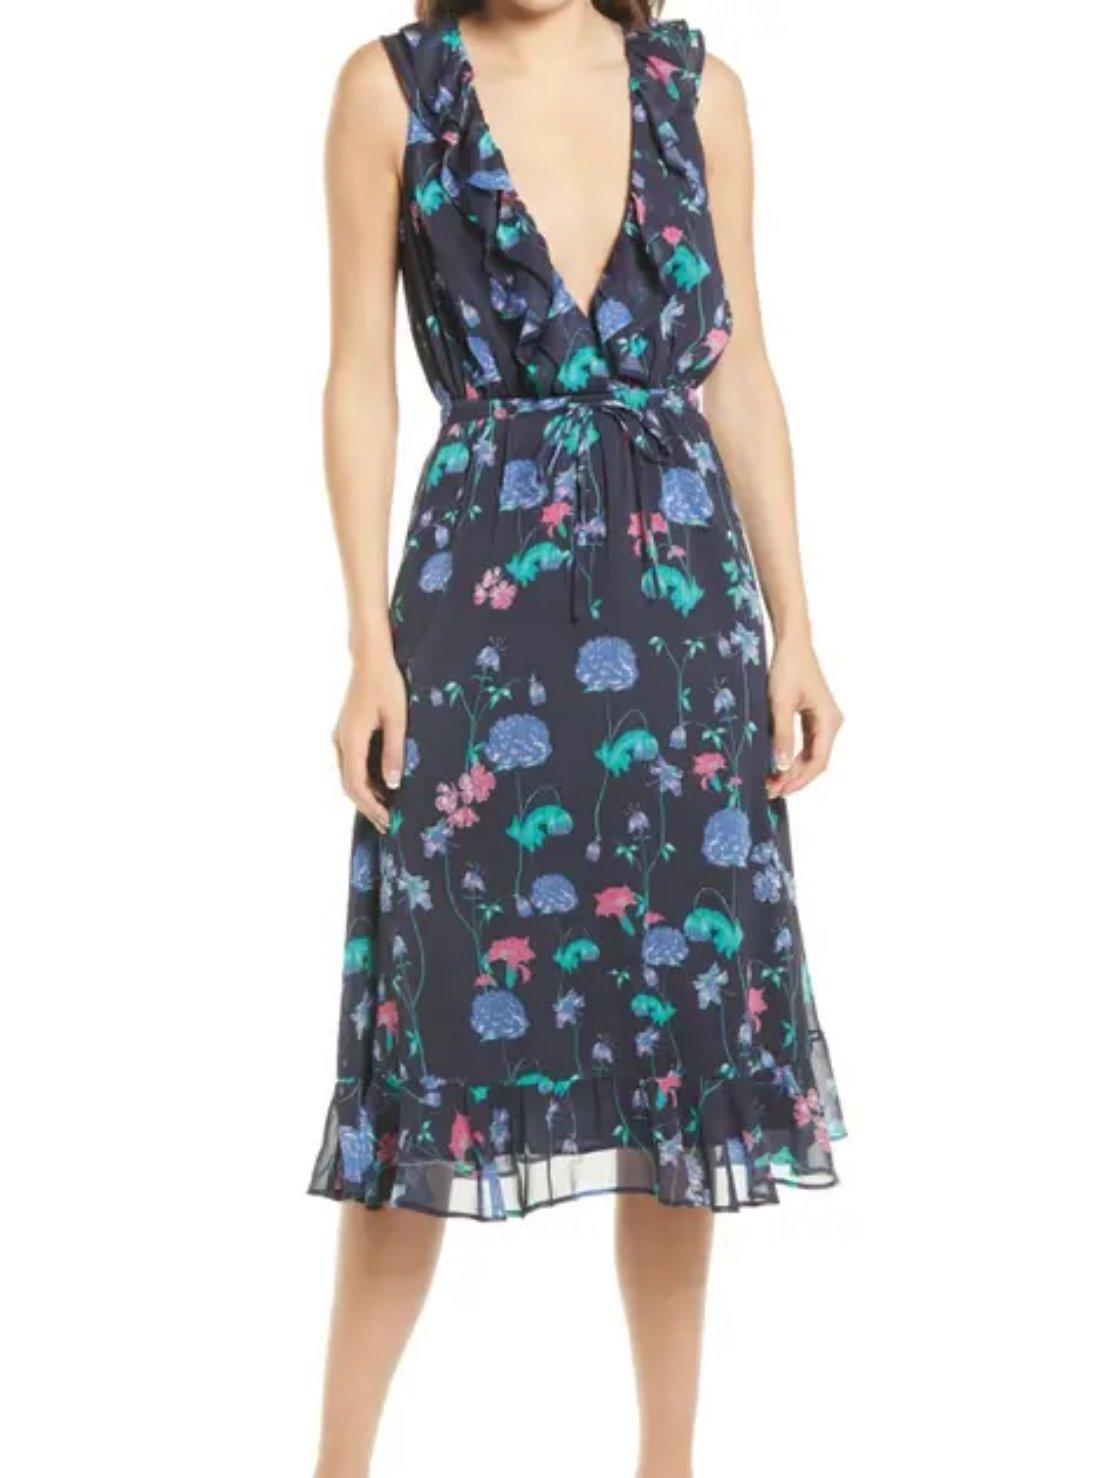 Wholesale Sleeveless-style V-neck Chiffon Dresses